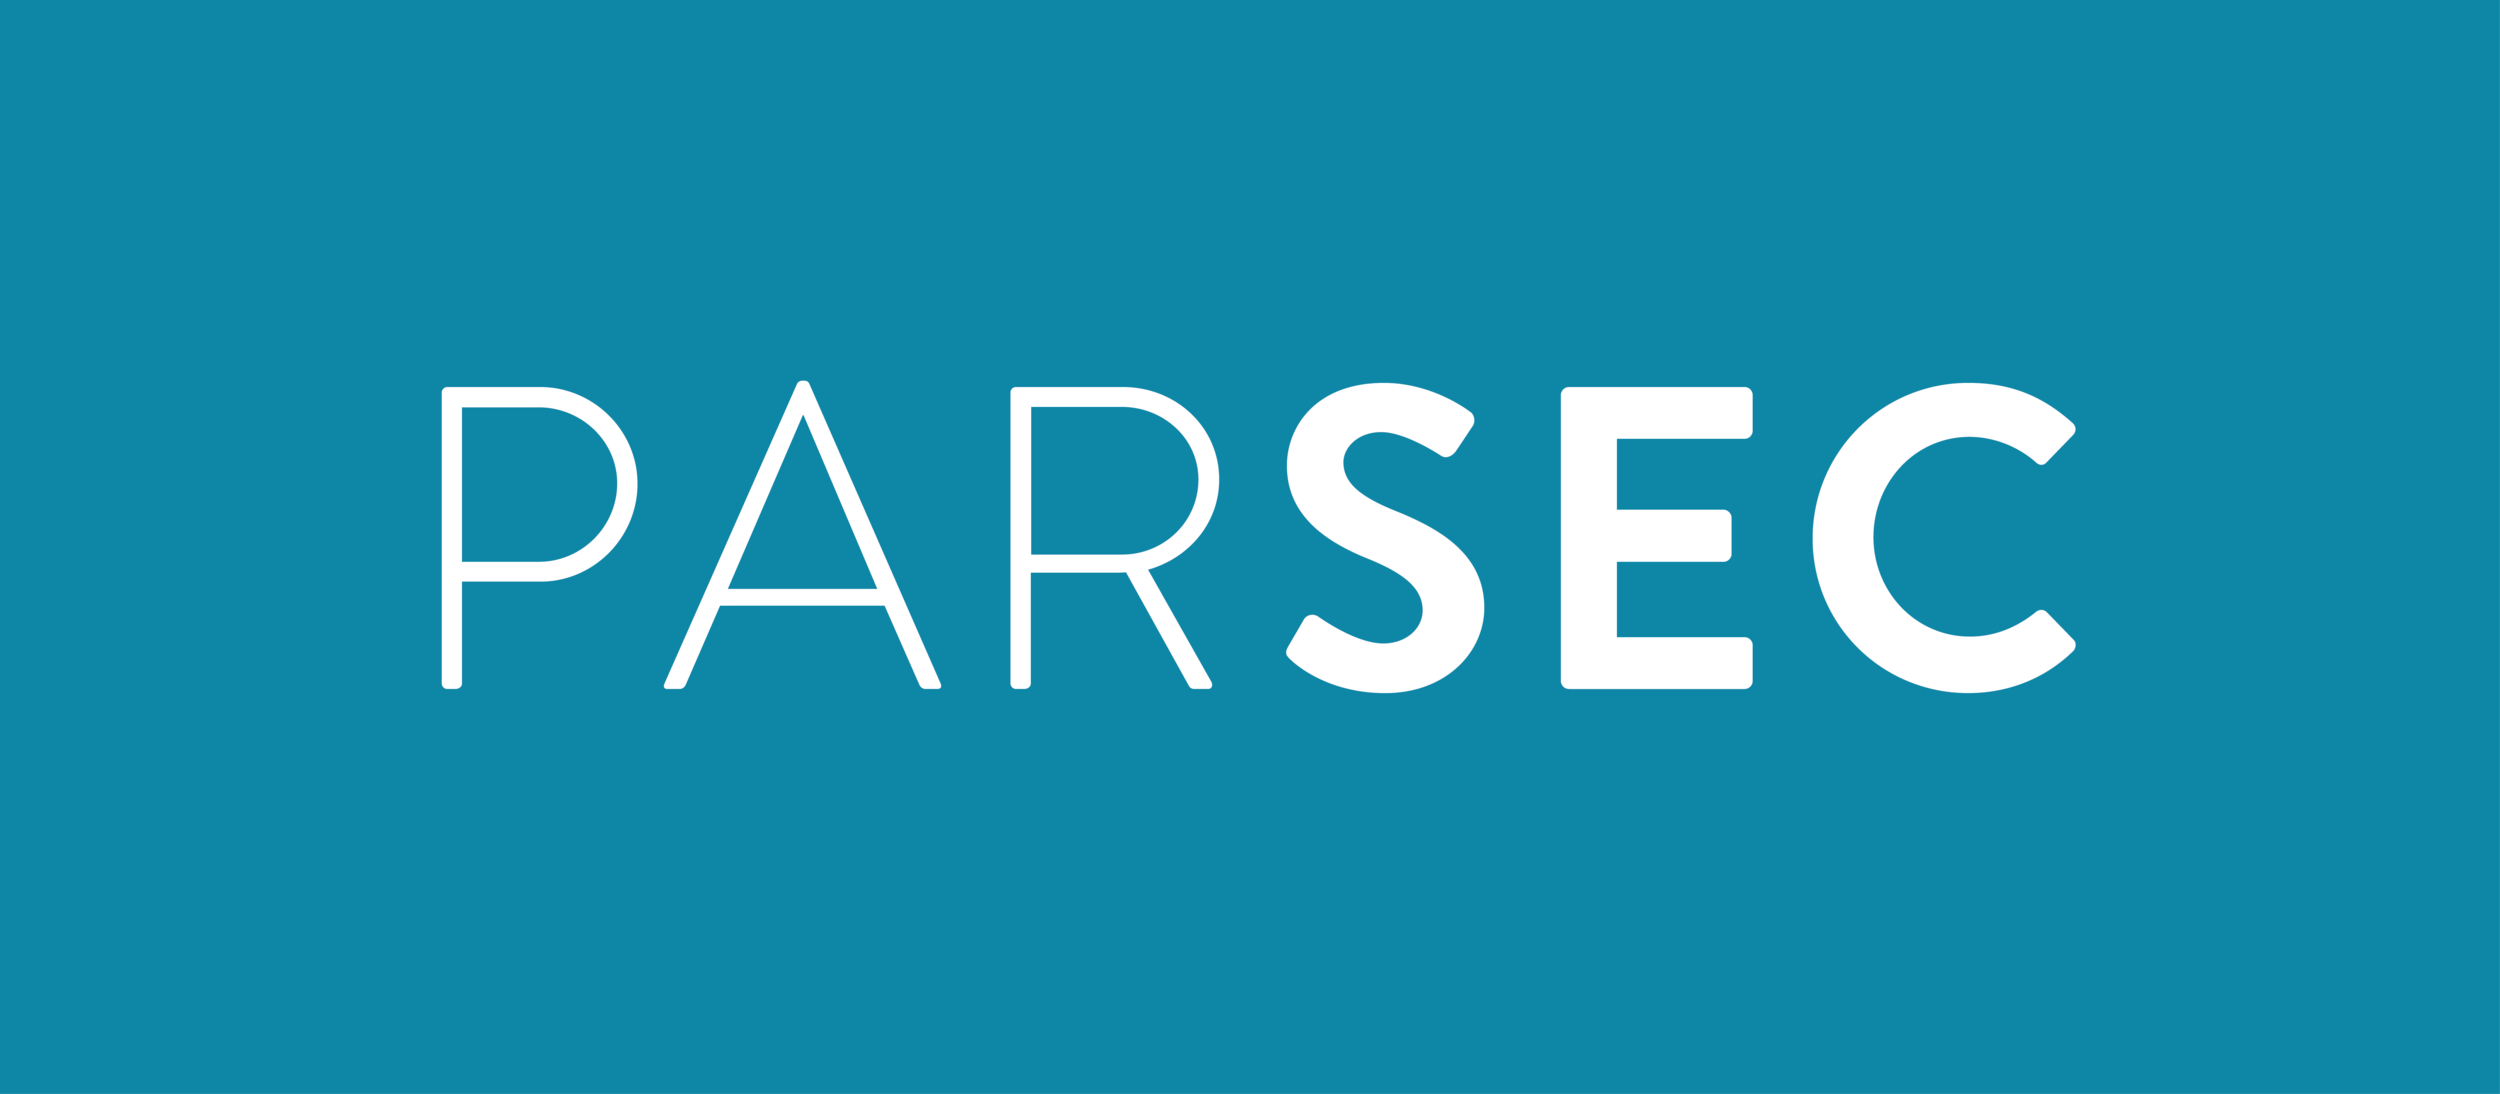 parsec-logo-33.png